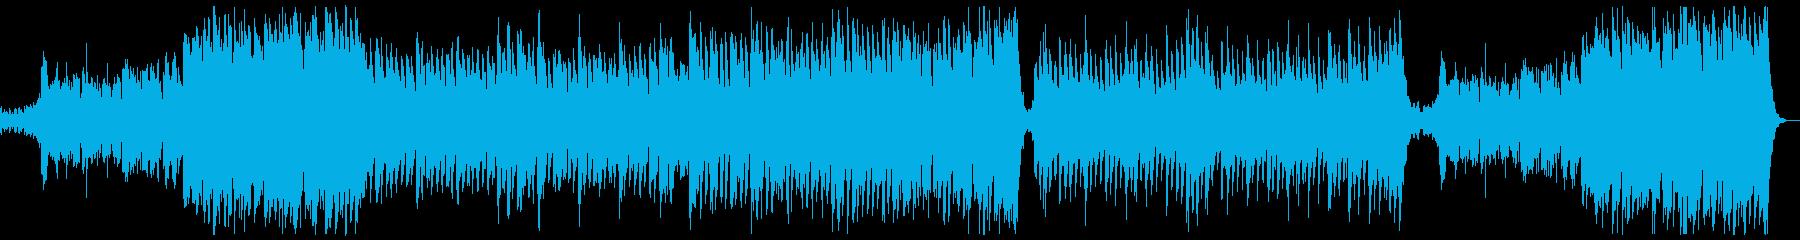 明るく華やかポップオーケストラx1の再生済みの波形